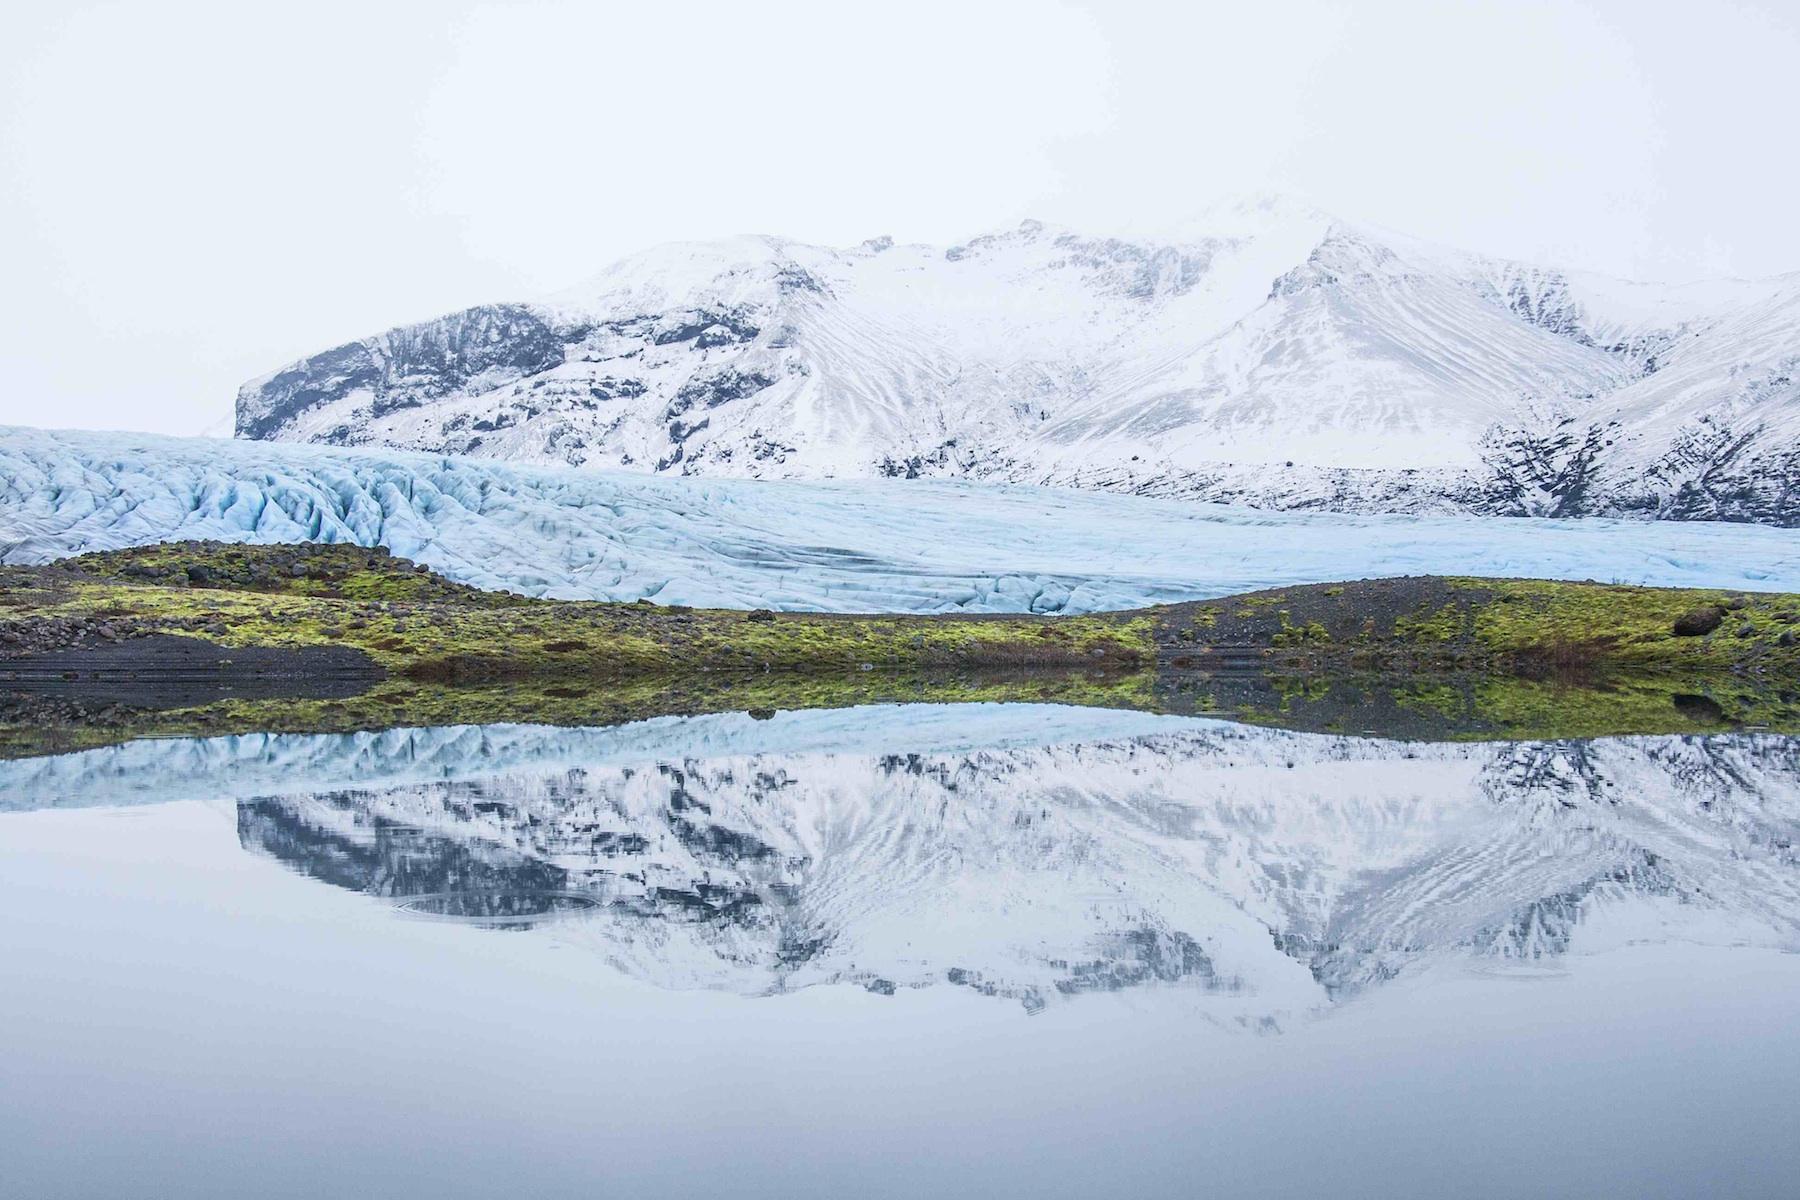 Vatnajökullin jäätikön voi kirkkaalla säällä nähdä autonikkunasta, kun ajelee ykköstietä Islannin etelä- ja kaakkoisrannikolla. Poikkea Skaftafellin luonnonpuistoon jäätikkövaellukselle. Kuva: Björgvin Hilmarsson.